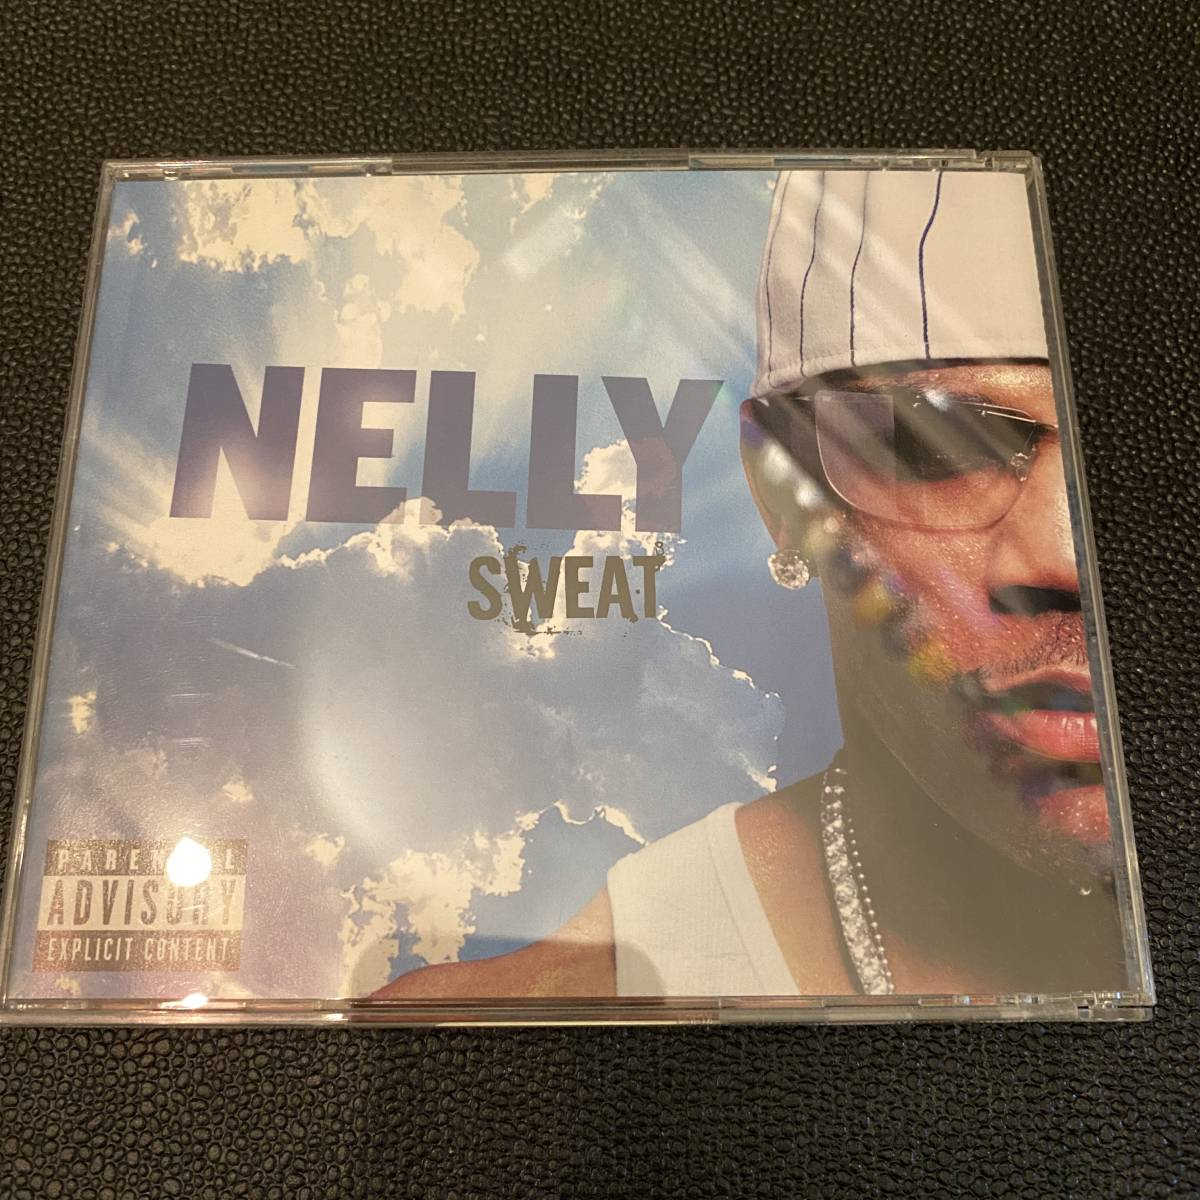 洋楽CD ★ ネリー / スウィート ★ NELLY / Sweet